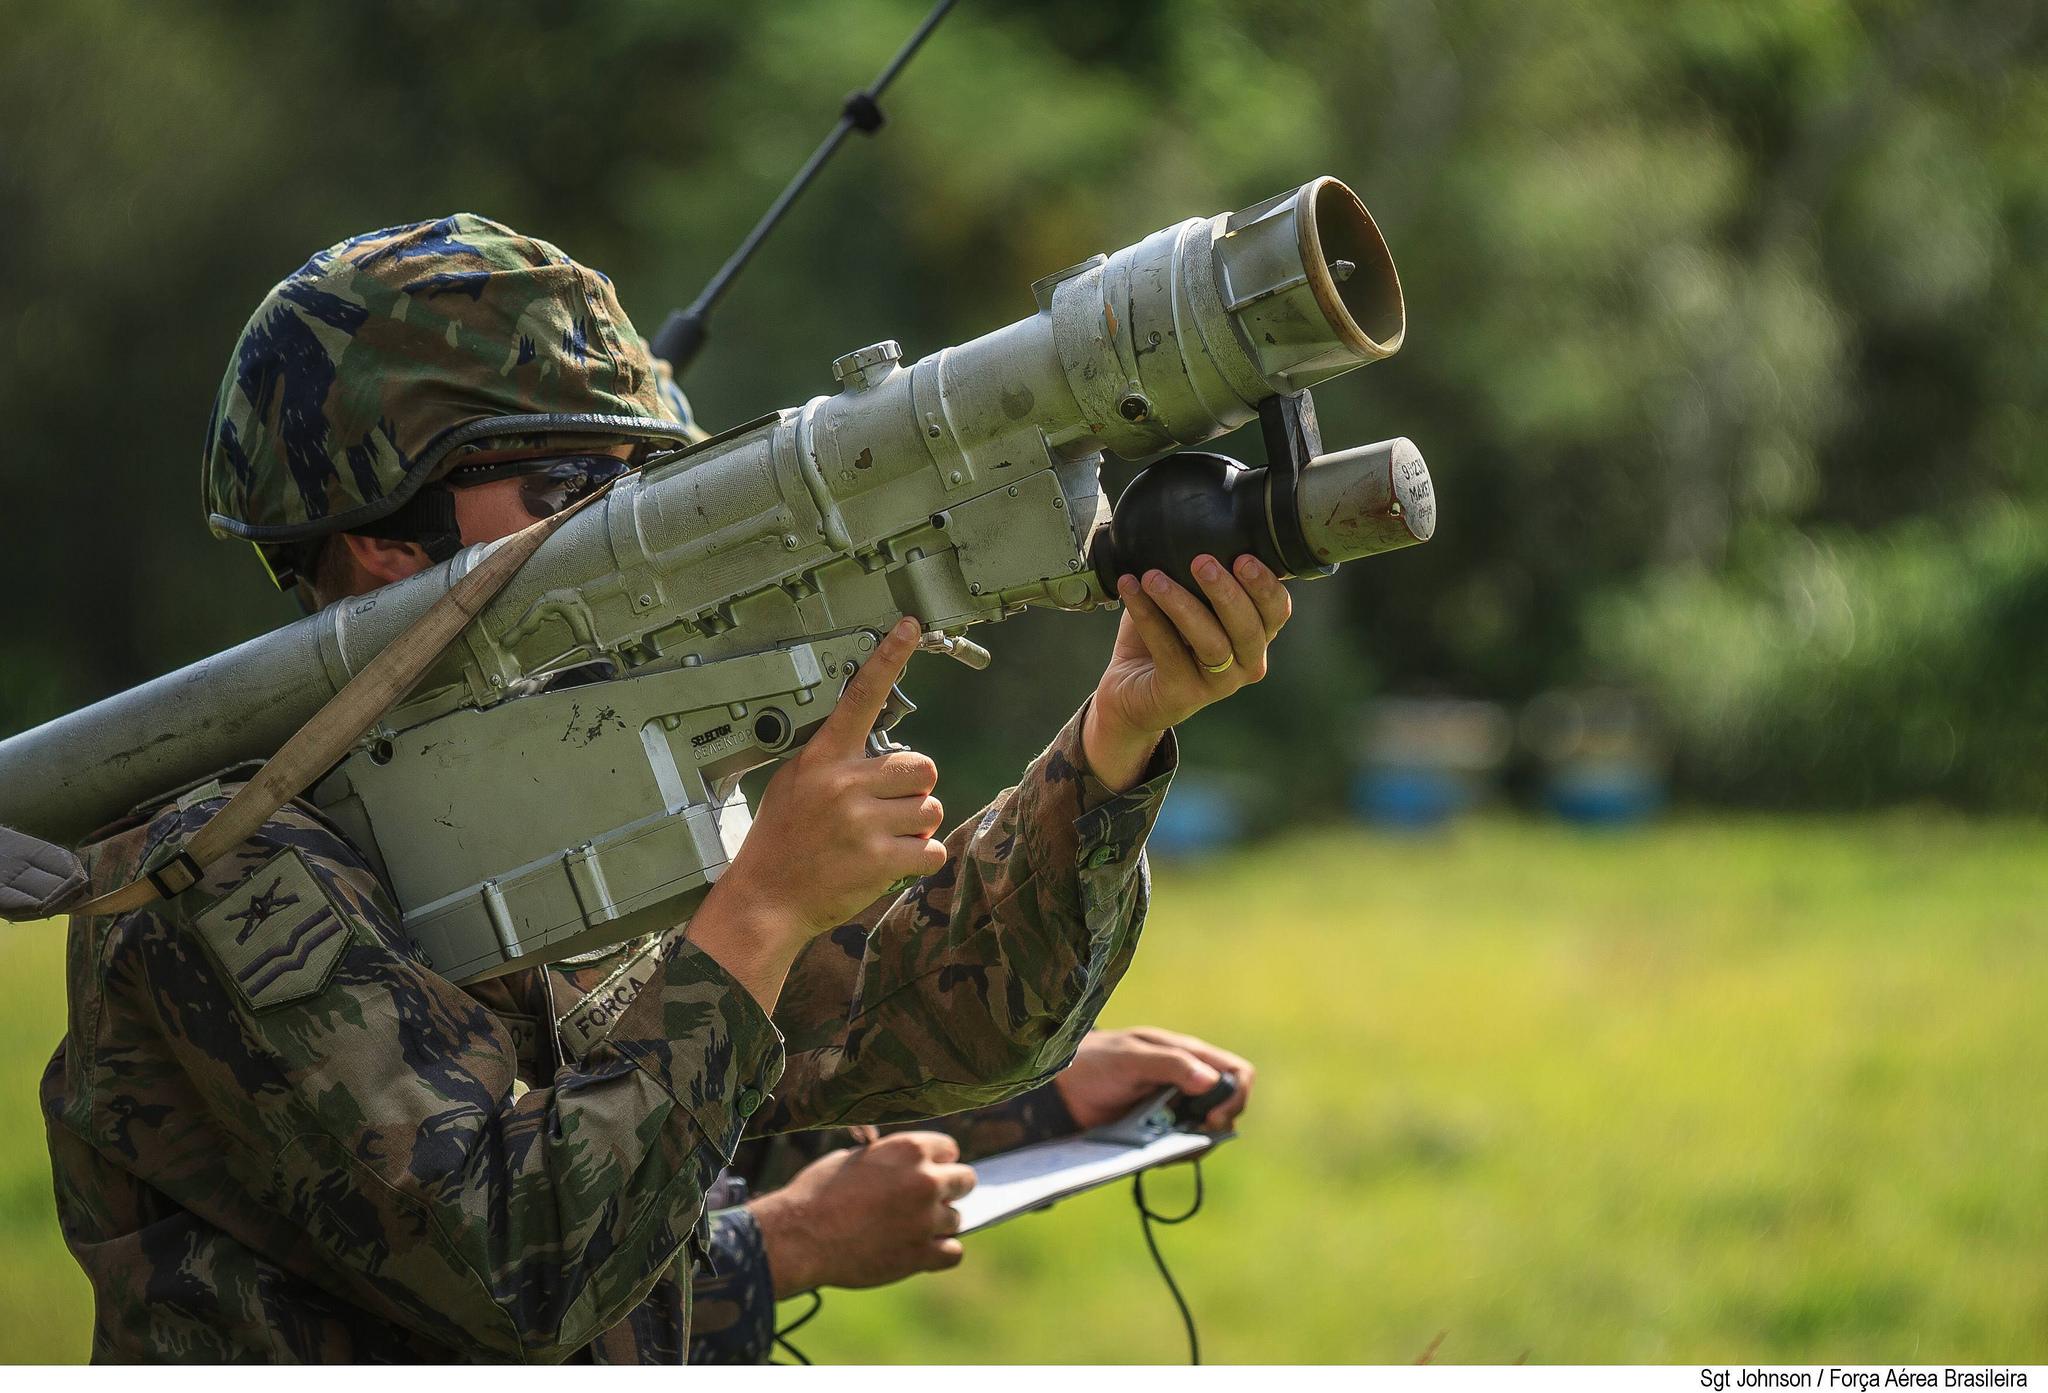 FAB PÉ DE POEIRA:  Defesa Antiaérea na Força Aérea  Brasileira